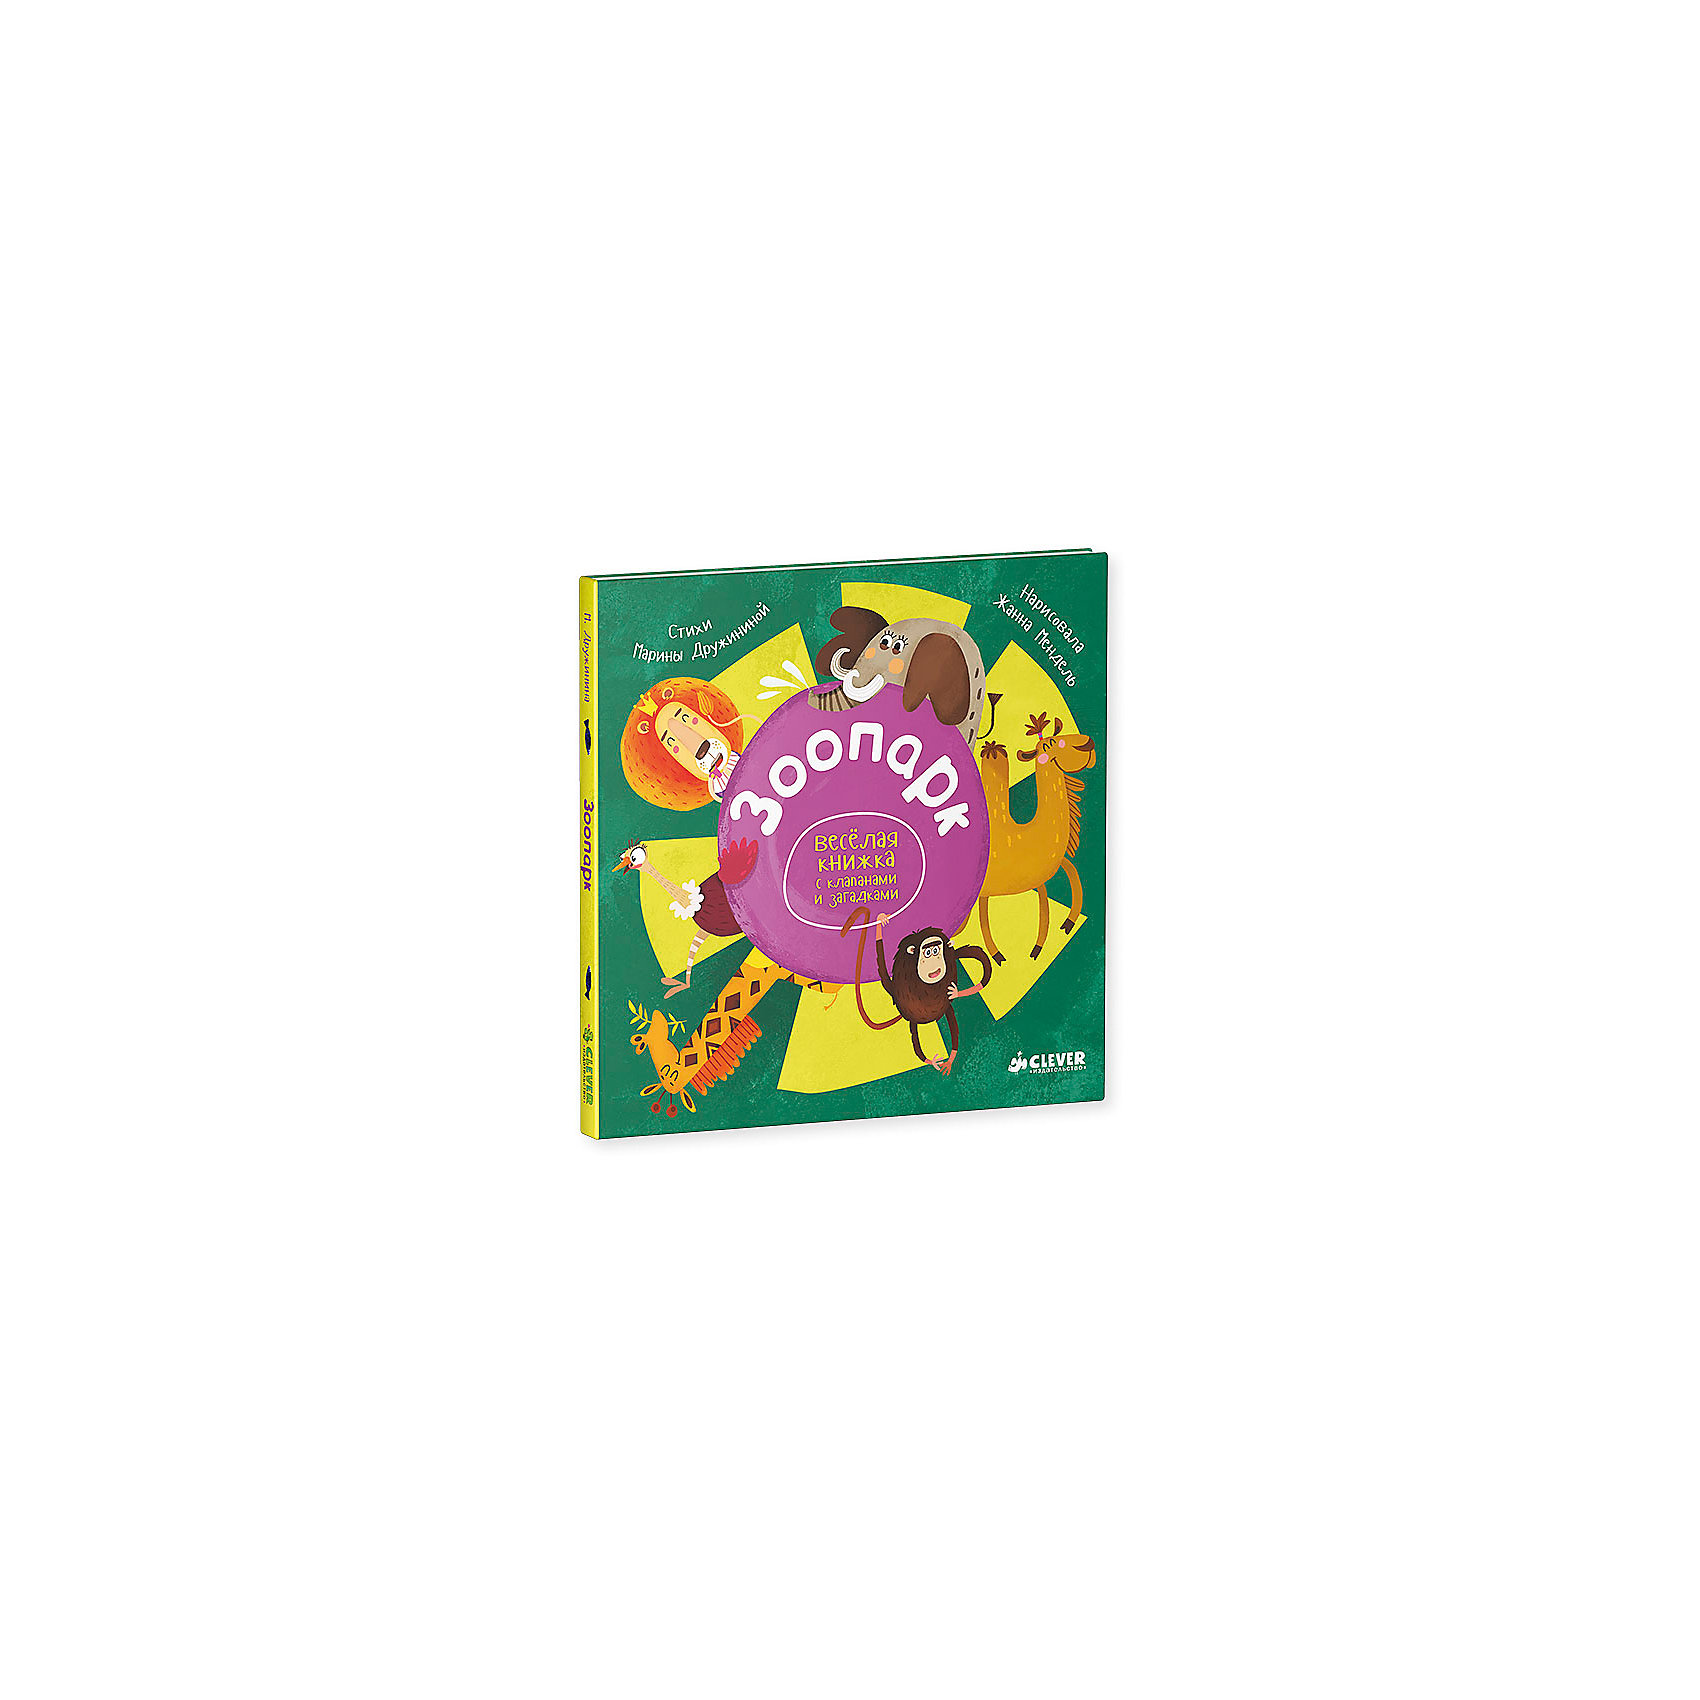 Зоопарк, М. Дружинина, Весёлая книжка с клапанами и загадкамиЭта красочная книжка с клапанами и веселыми загадками обязательно понравится вам и вашему малышу. Яркие иллюстрации, легко запоминающиеся стихи помогут развить память и сообразительность, а клапаны - мелкую моторику. В зоопарк пойду скорей - Птиц увижу и зверей Удивительных, прекрасных, Необычных, самых разных! С дальних уголков Земли В зоопарк их привезли.<br><br>Ширина мм: 200<br>Глубина мм: 200<br>Высота мм: 5<br>Вес г: 230<br>Возраст от месяцев: 0<br>Возраст до месяцев: 36<br>Пол: Унисекс<br>Возраст: Детский<br>SKU: 5377772